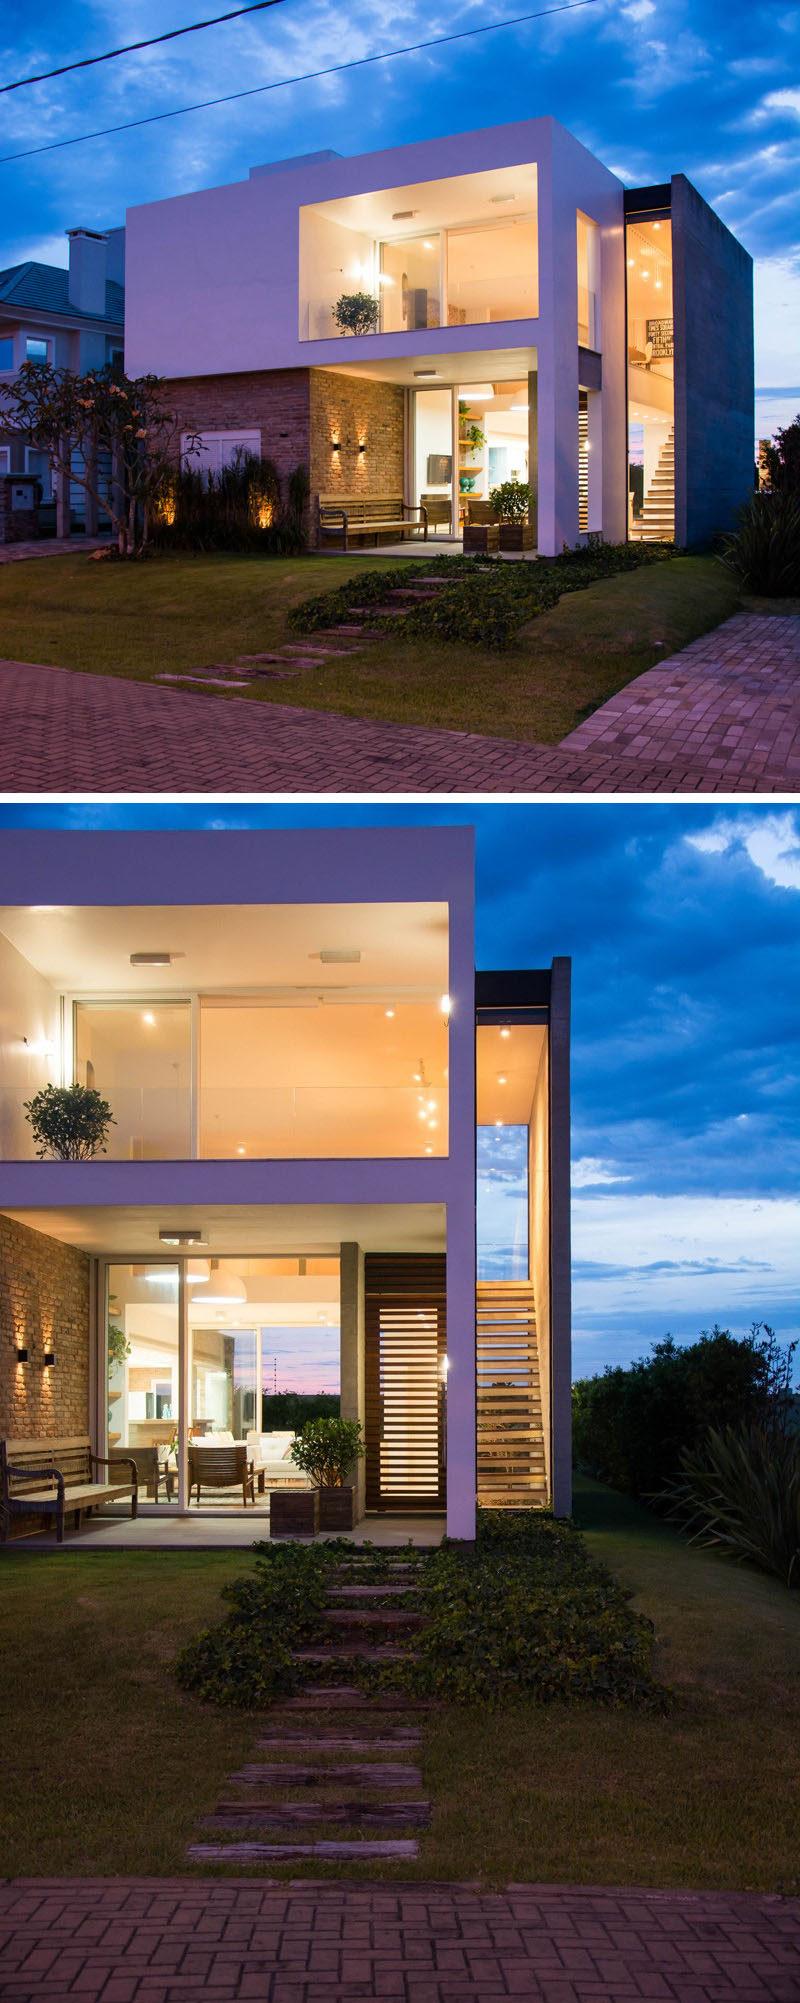 ESTUDIO 30 51 designed Casa Ventura M22, a residence for a family in Rio Grande do Sul, Brazil.